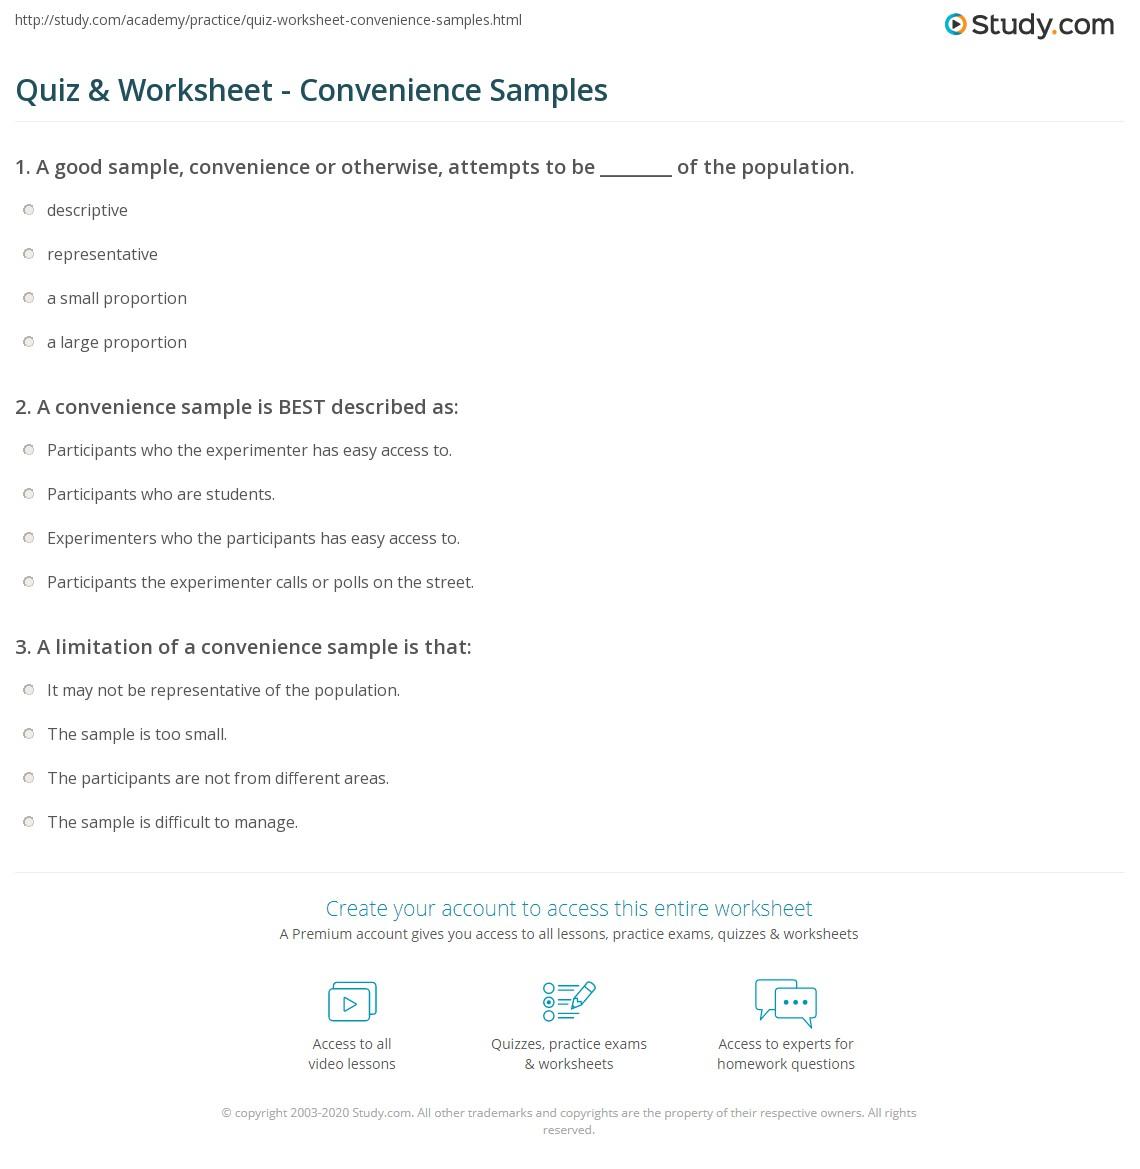 Quiz & Worksheet - Convenience Samples | Study.com